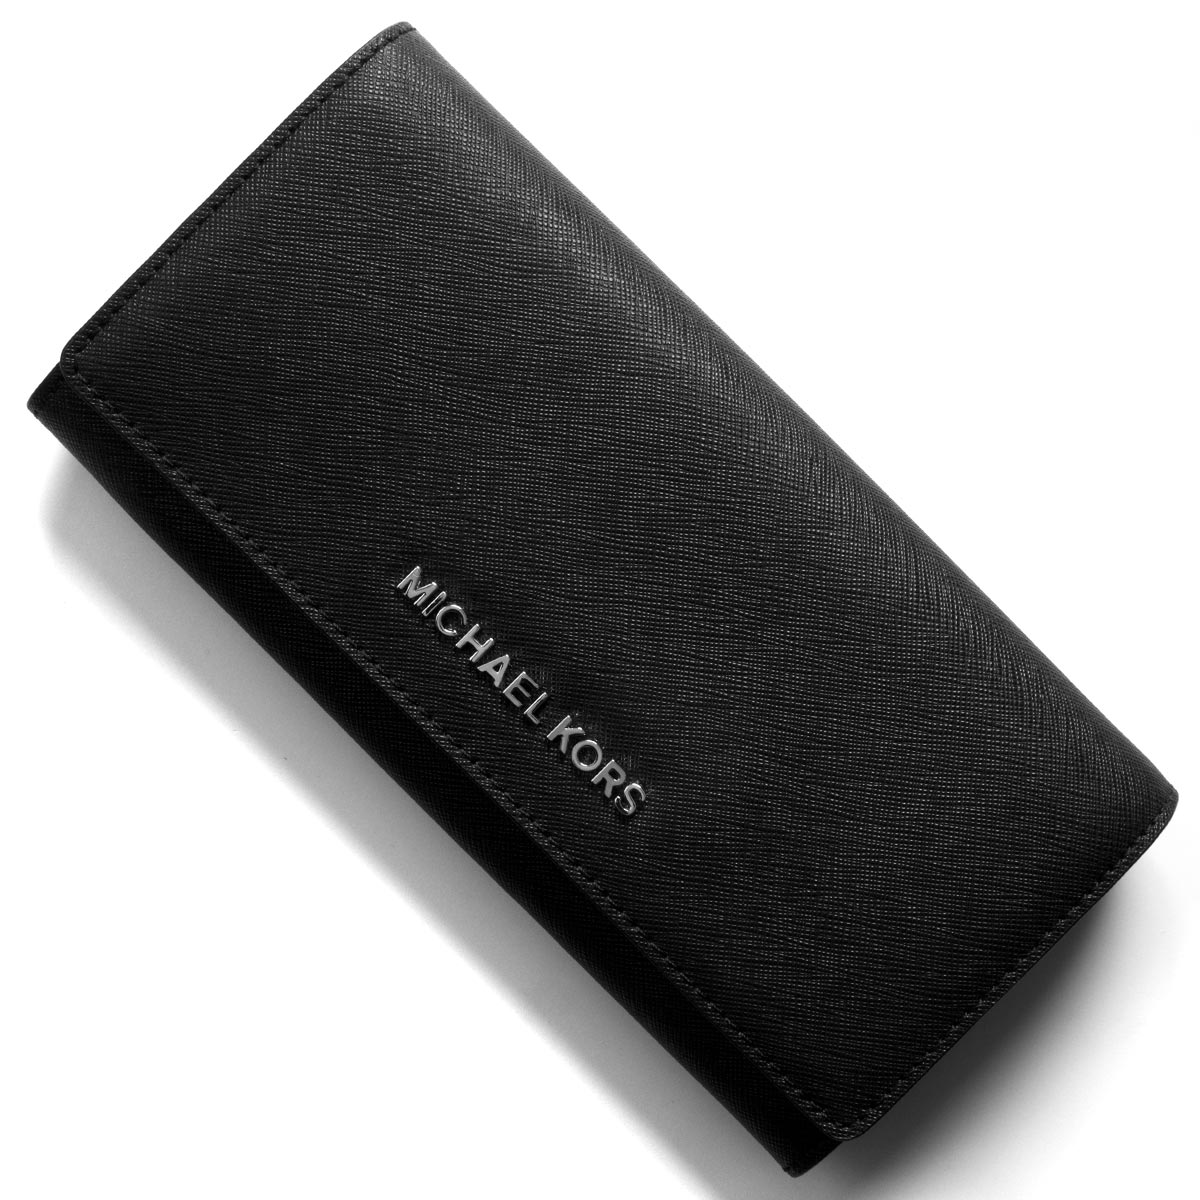 マイケルコース 長財布 財布 レディース ジェット セット トラベル ブラック 35S7SYAE3L 001 MICHAEL KORS